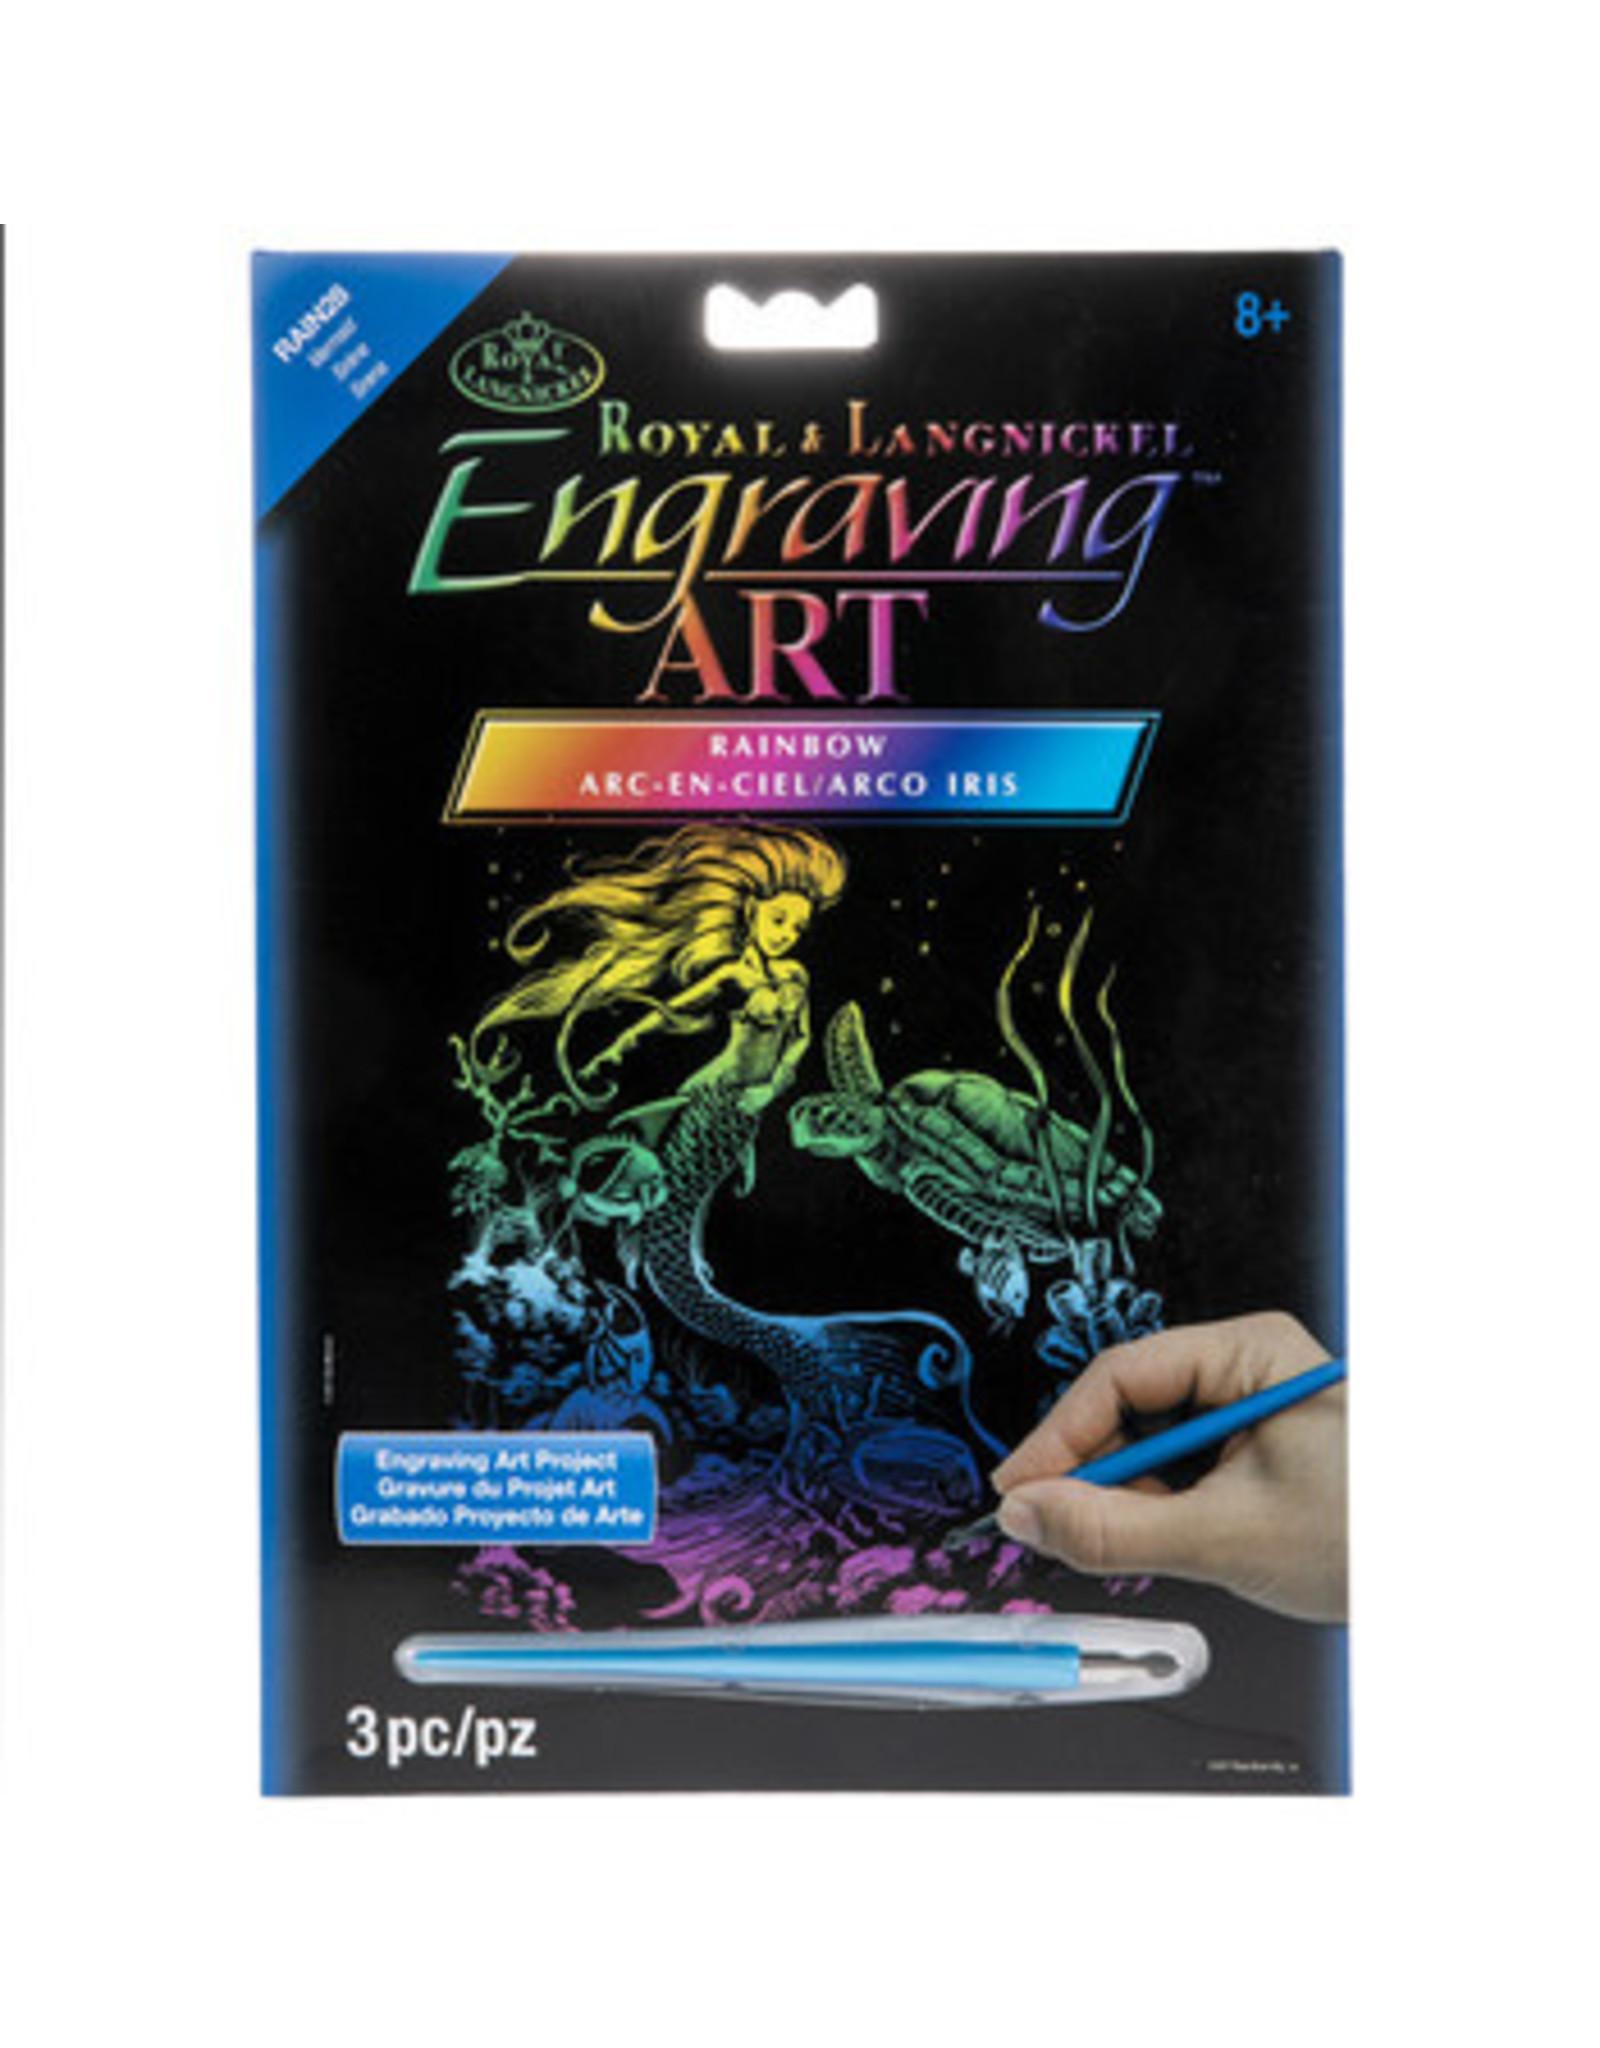 Royal and Langnickel Engraving Art, Mermaid